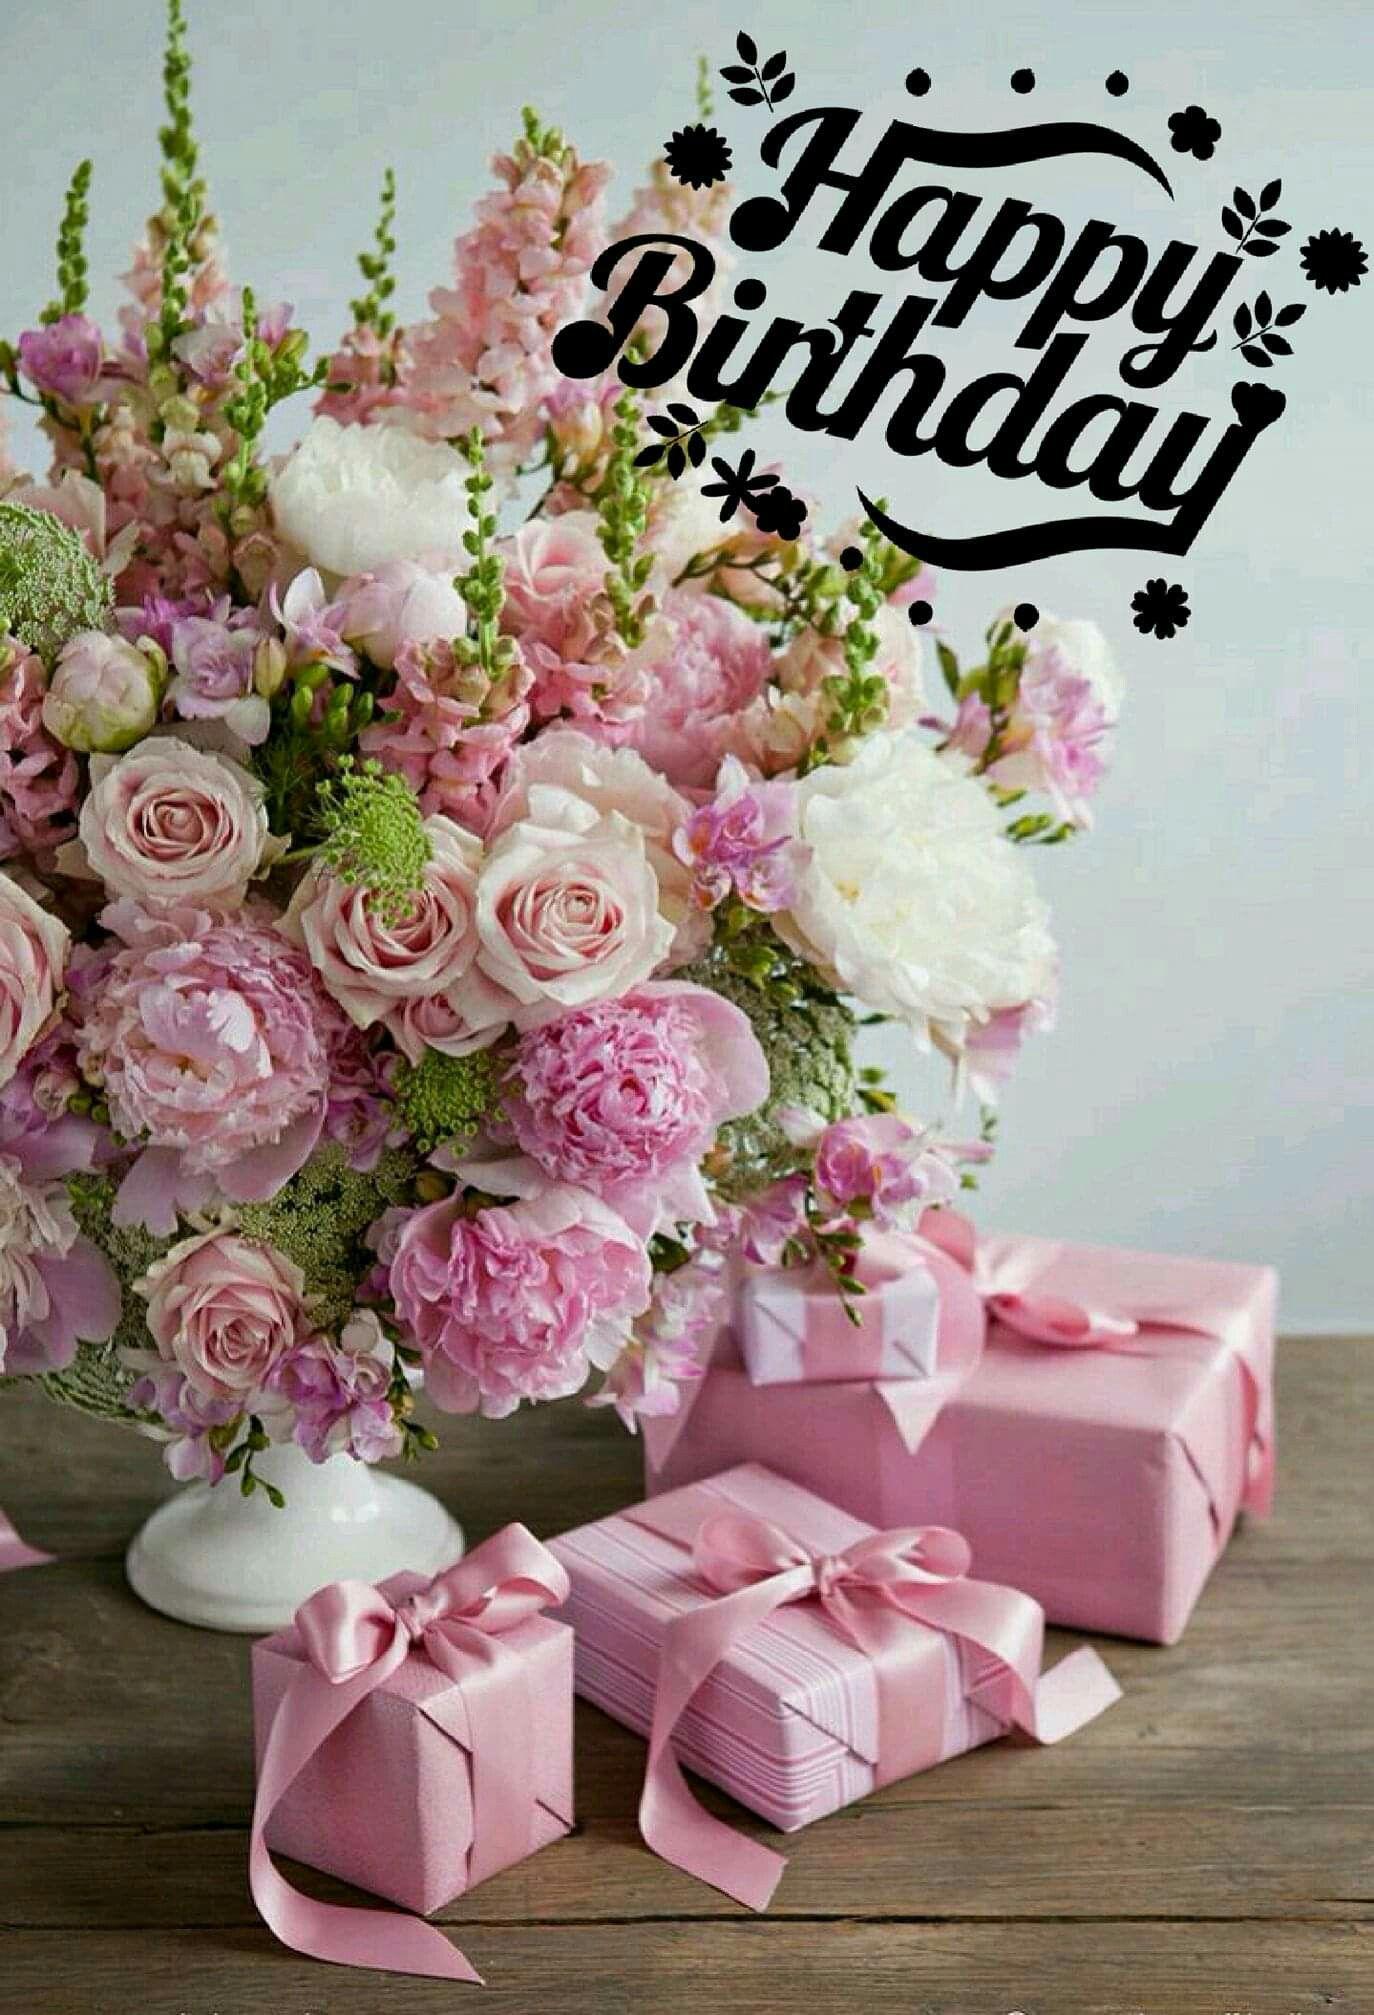 профиля фото день рождения цветы букет красивый дизайн торта можно